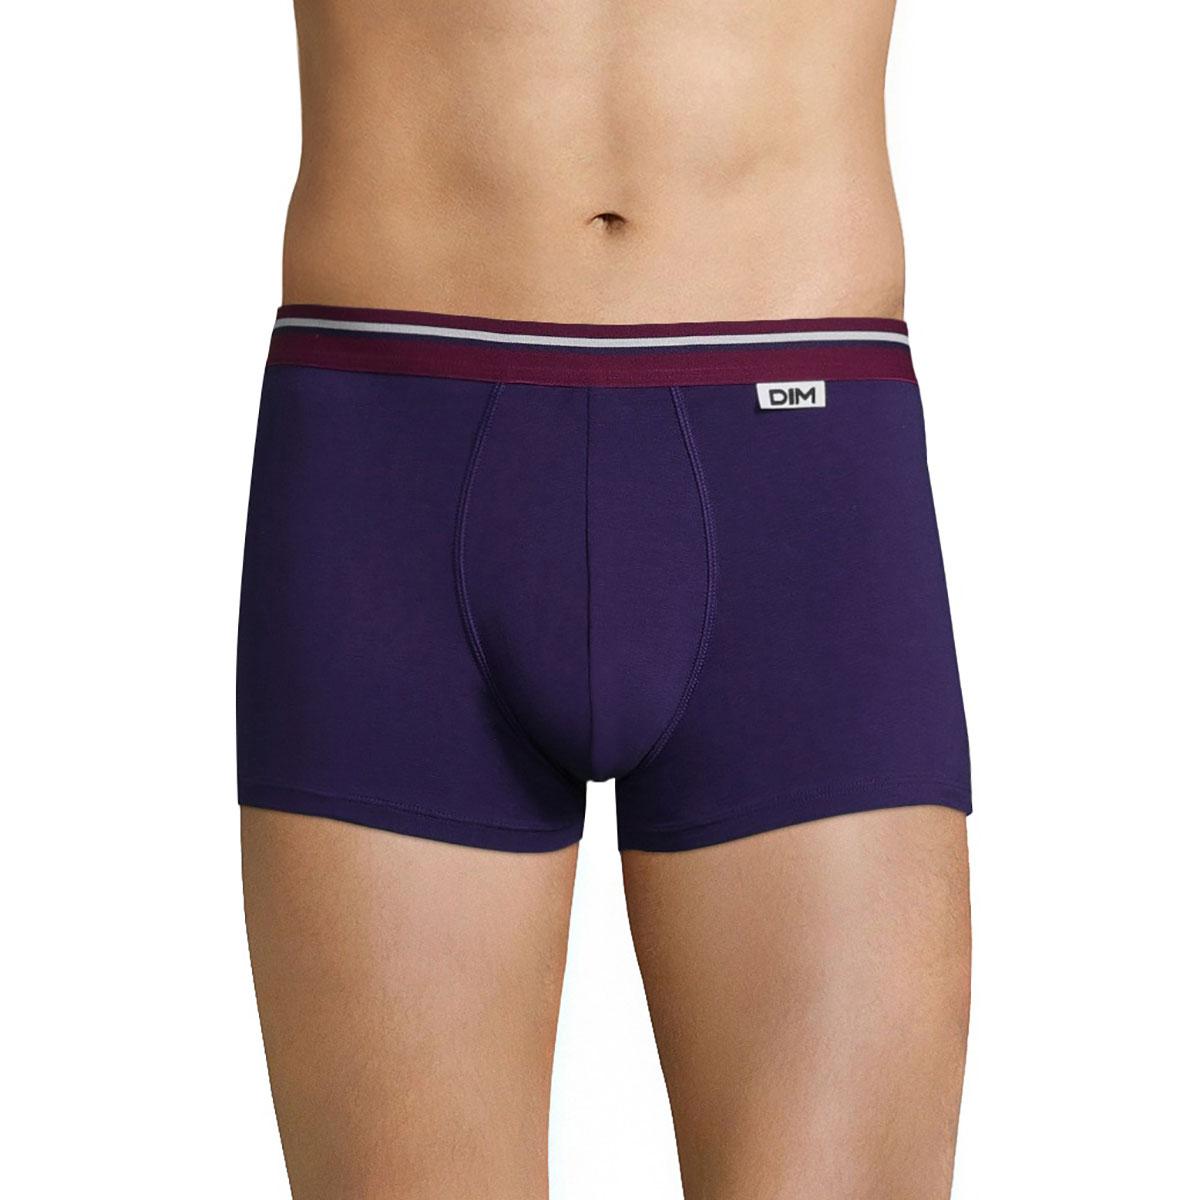 Boxer violet auburn ceinture lie de vin DIM Colors